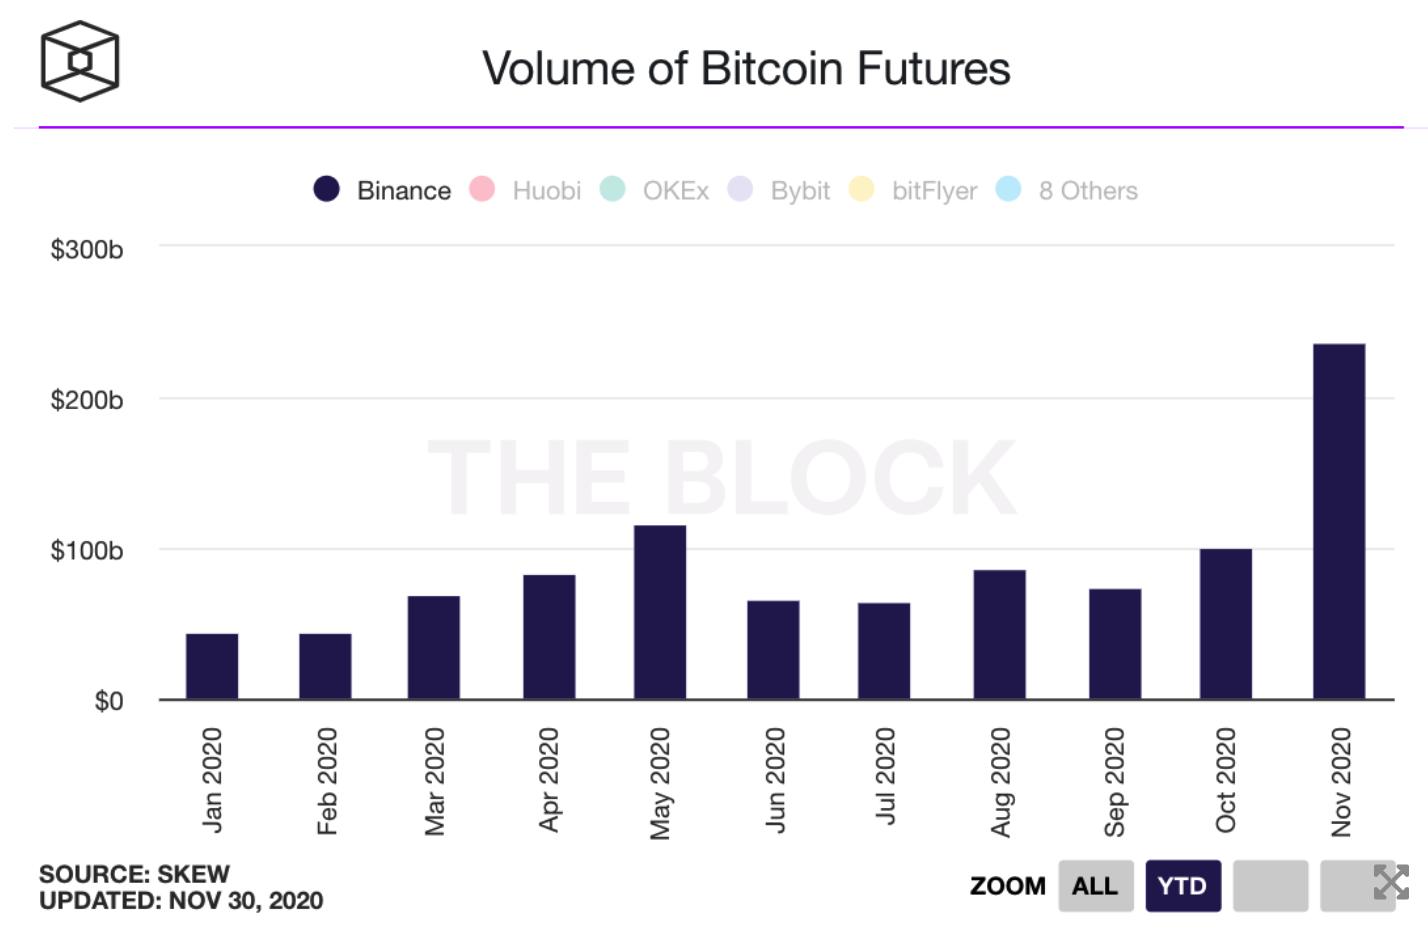 khối lượng giao dịch bitcoin futures binance